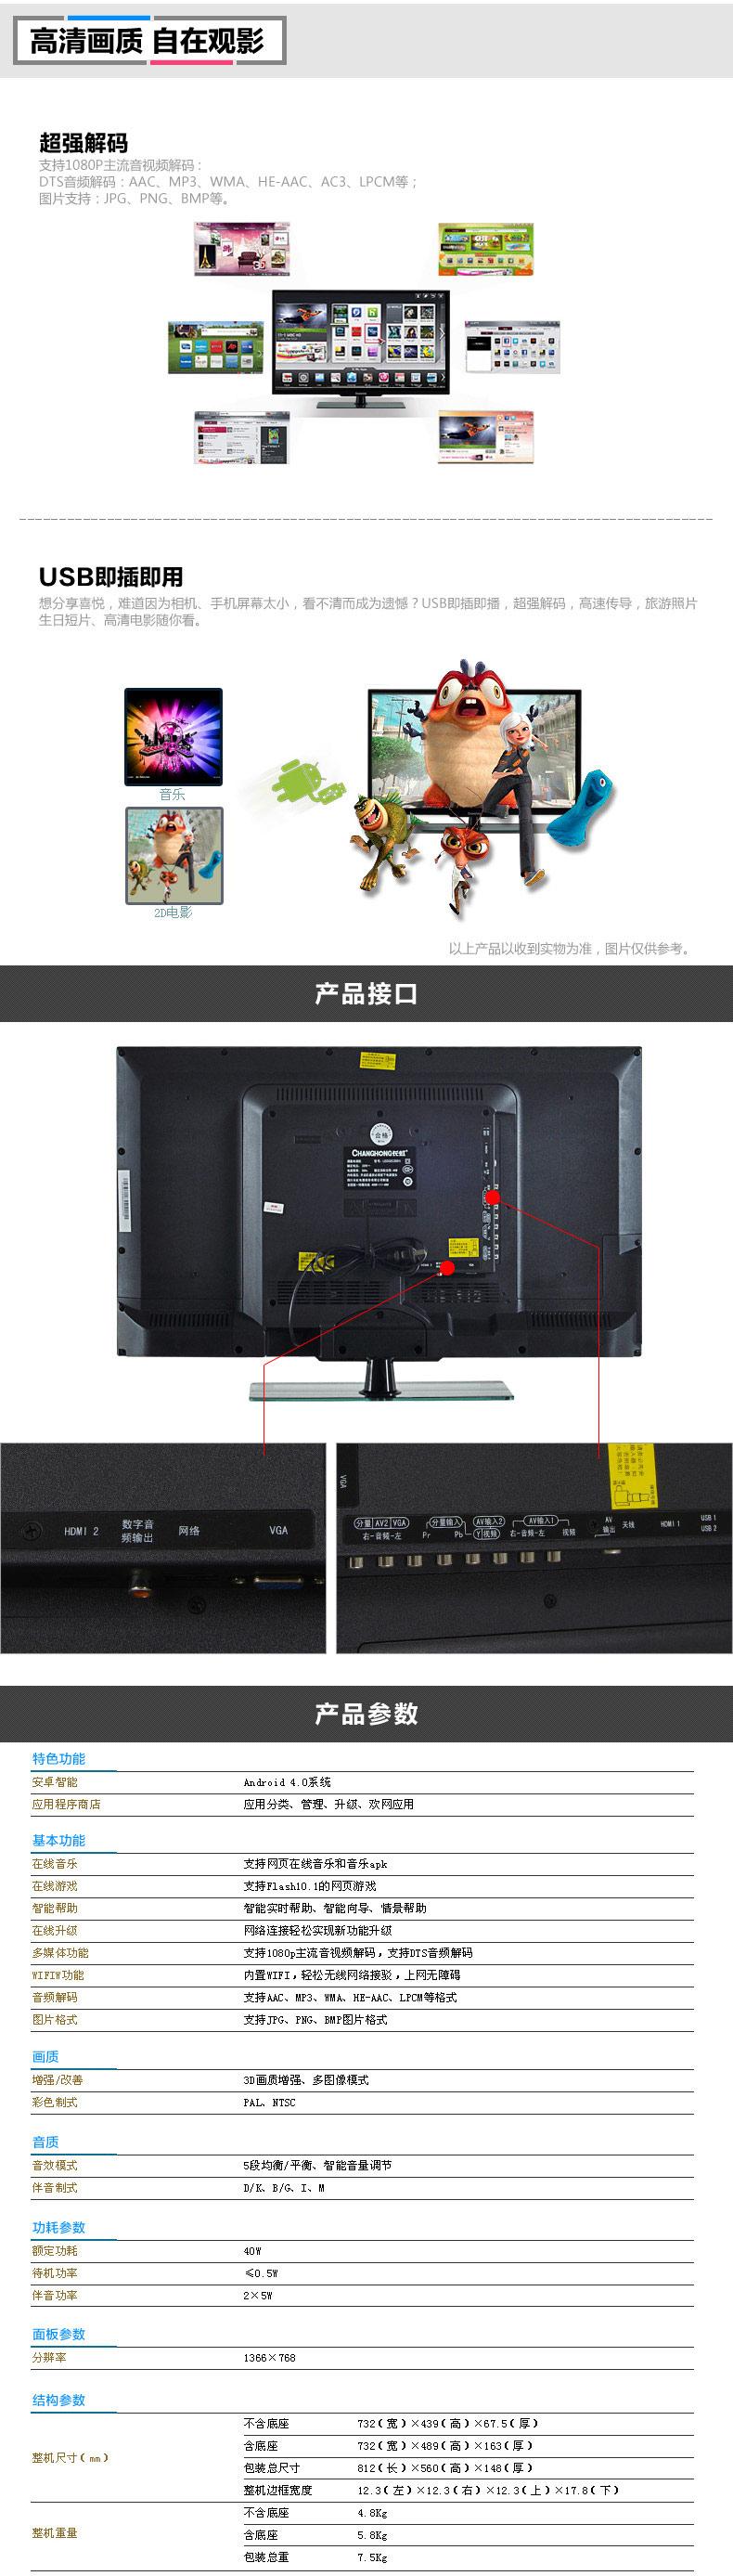 长虹g2983屏幕电路图